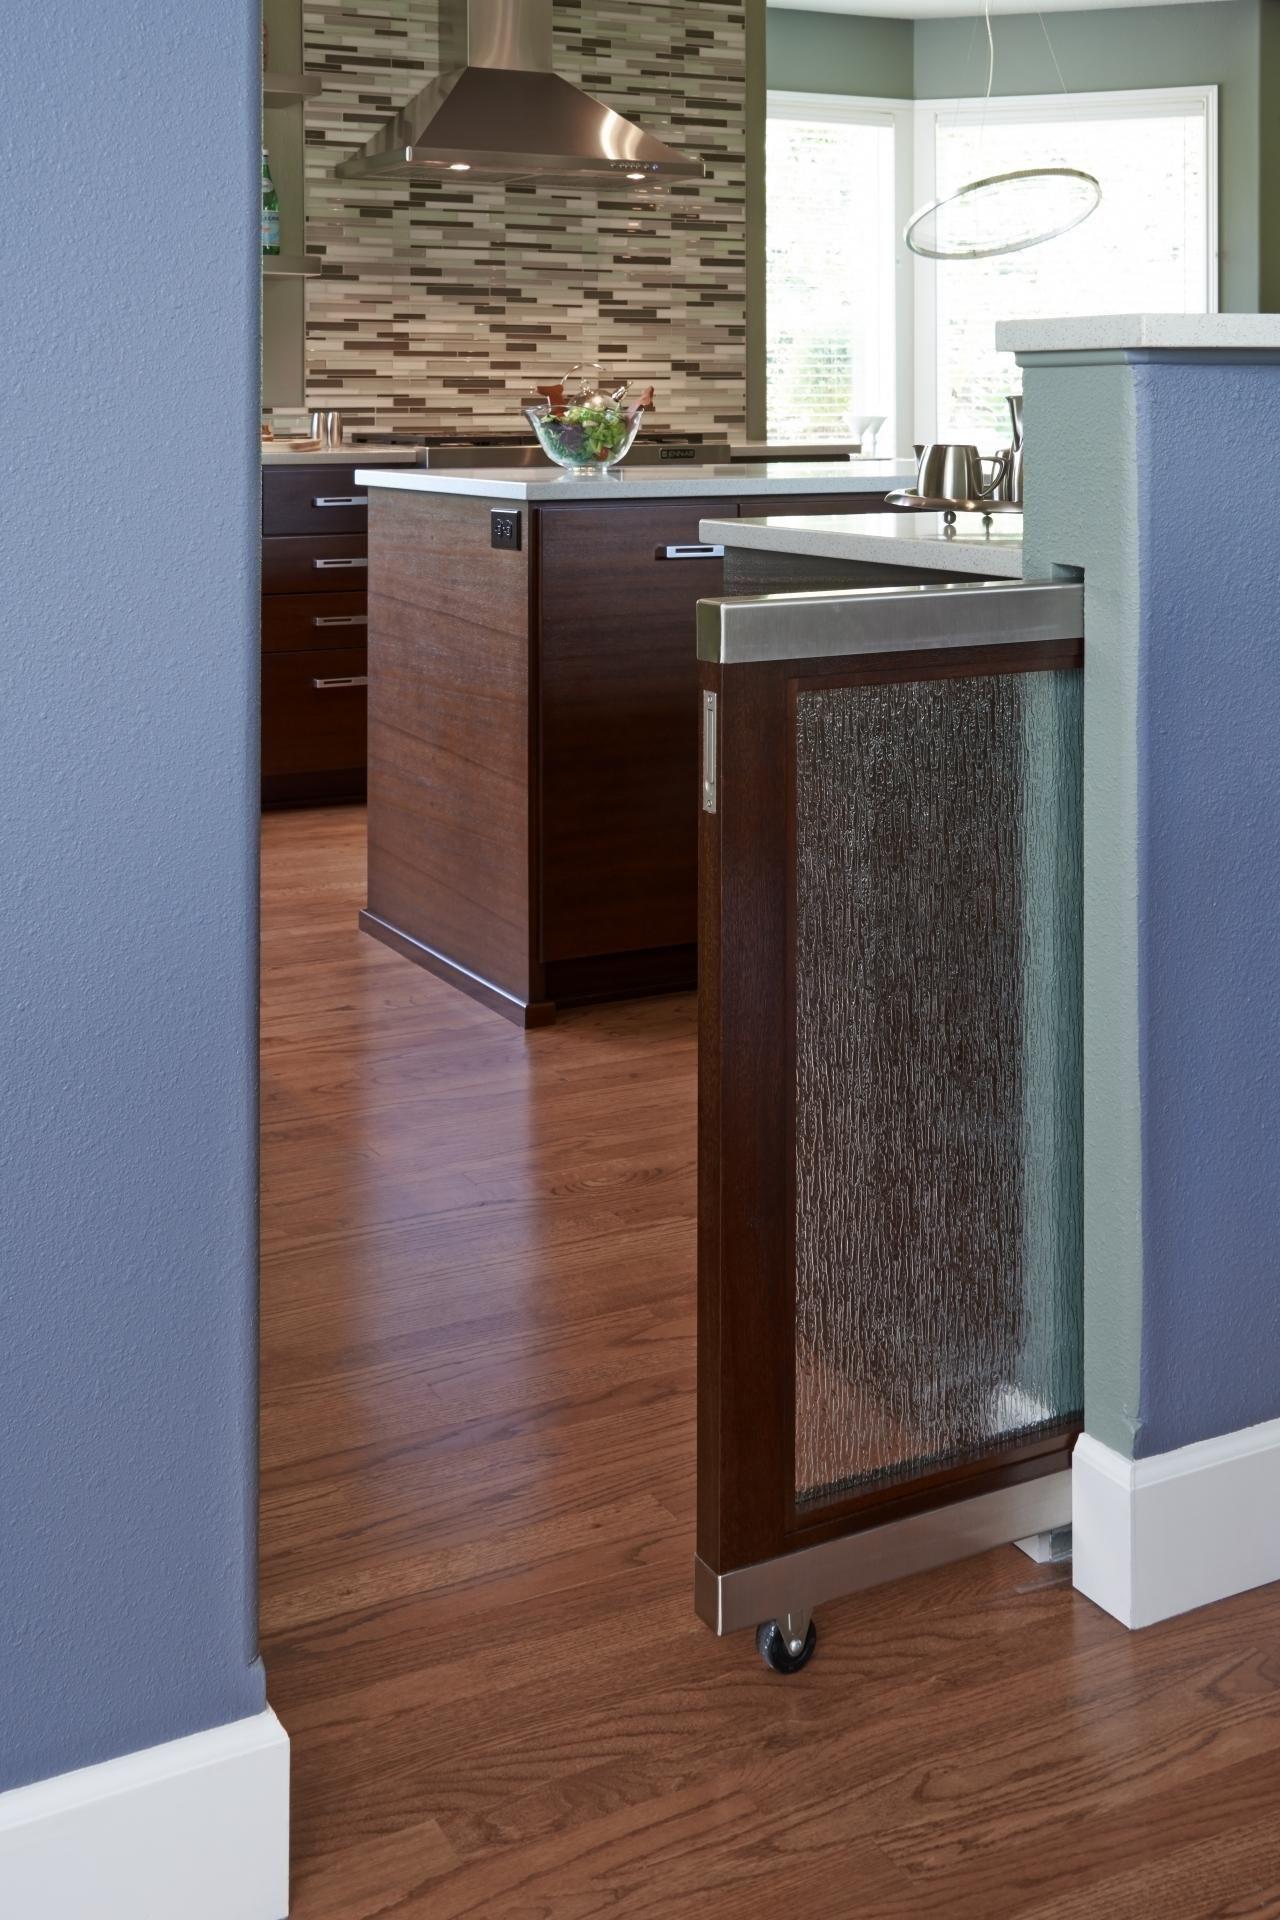 Erhalten Sie diesen intelligenten Blick für Ihre Küche